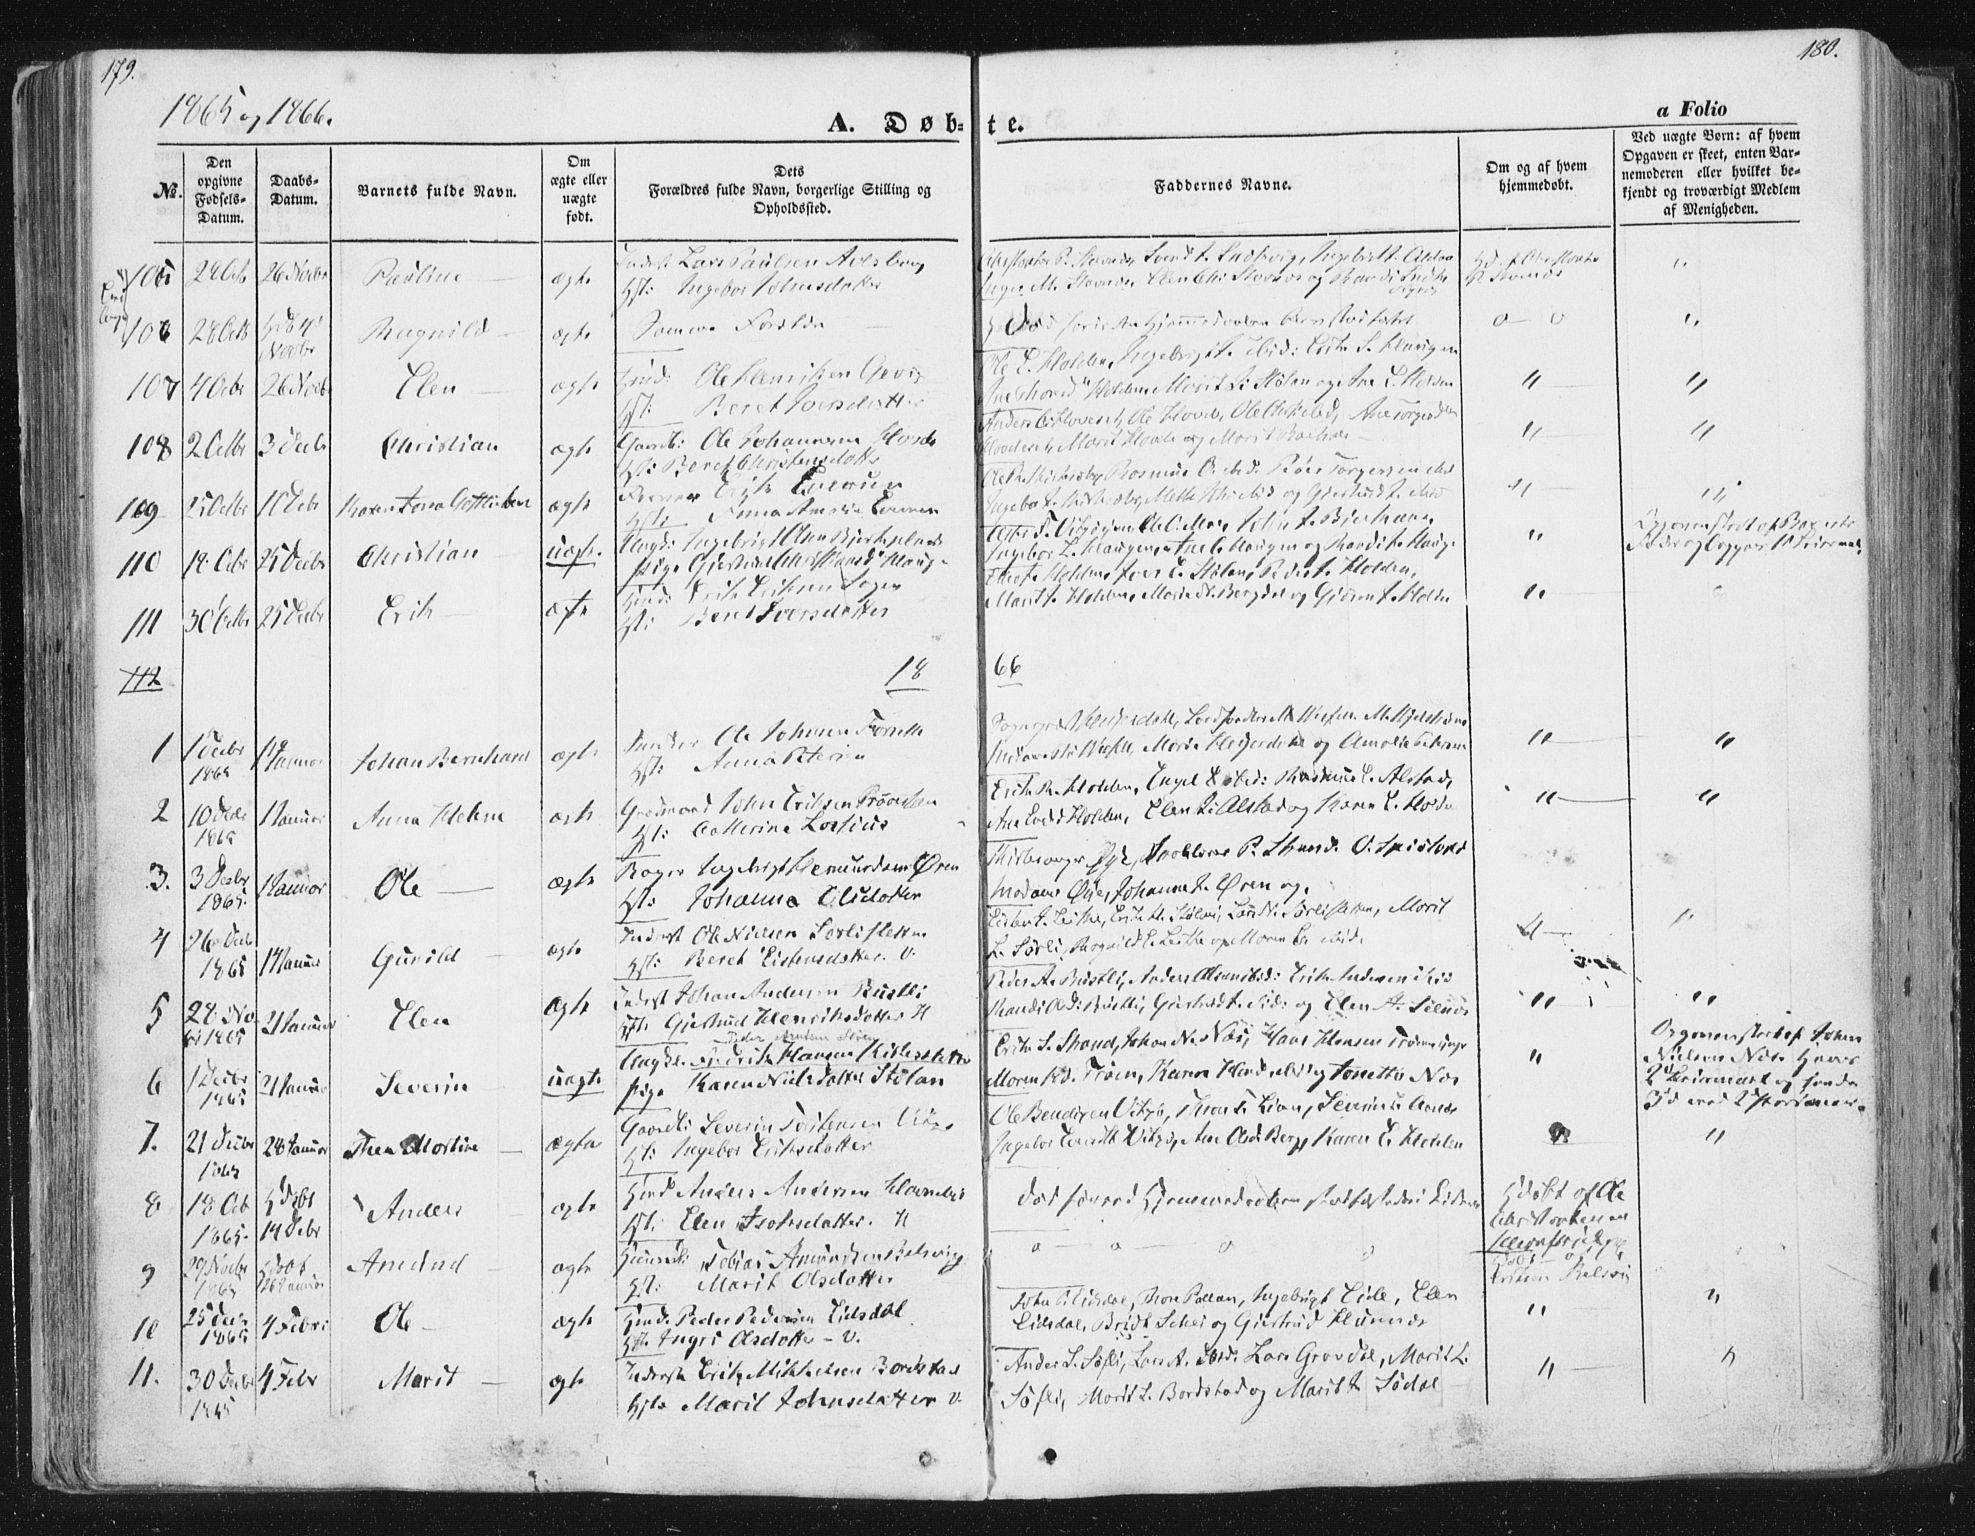 SAT, Ministerialprotokoller, klokkerbøker og fødselsregistre - Sør-Trøndelag, 630/L0494: Ministerialbok nr. 630A07, 1852-1868, s. 179-180